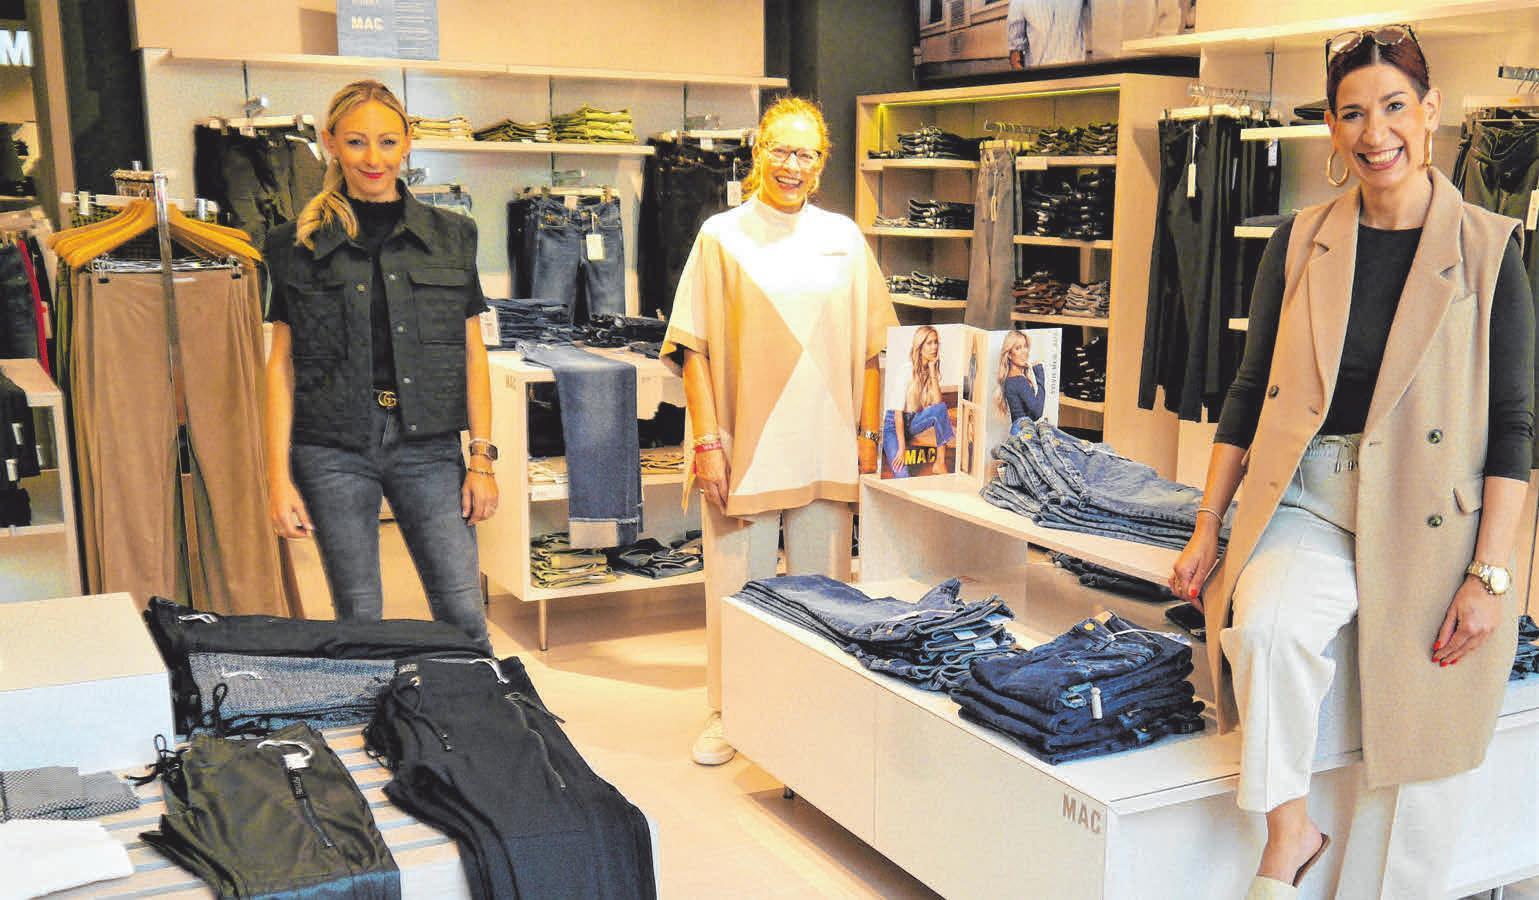 Das Team von ModeMessner freut sich auf Kundenbesuch: Bianca Hauser, Inhaberin Esther Messner und Ute Müller (von links). Foto: Müller